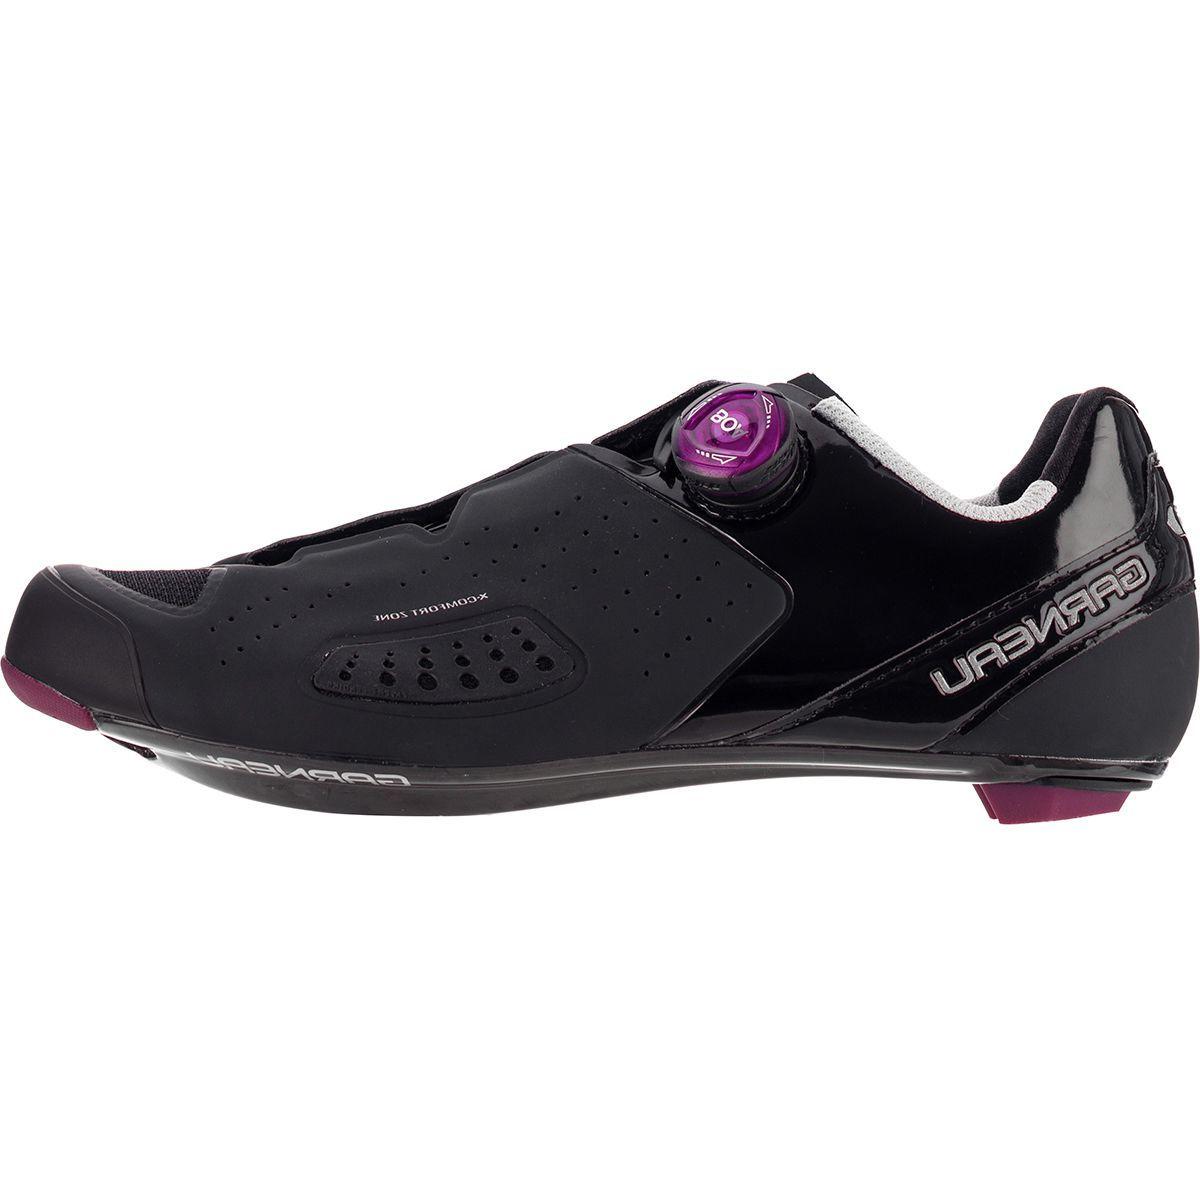 Louis Garneau Carbon LS-100 III Cycling Shoe - Women's